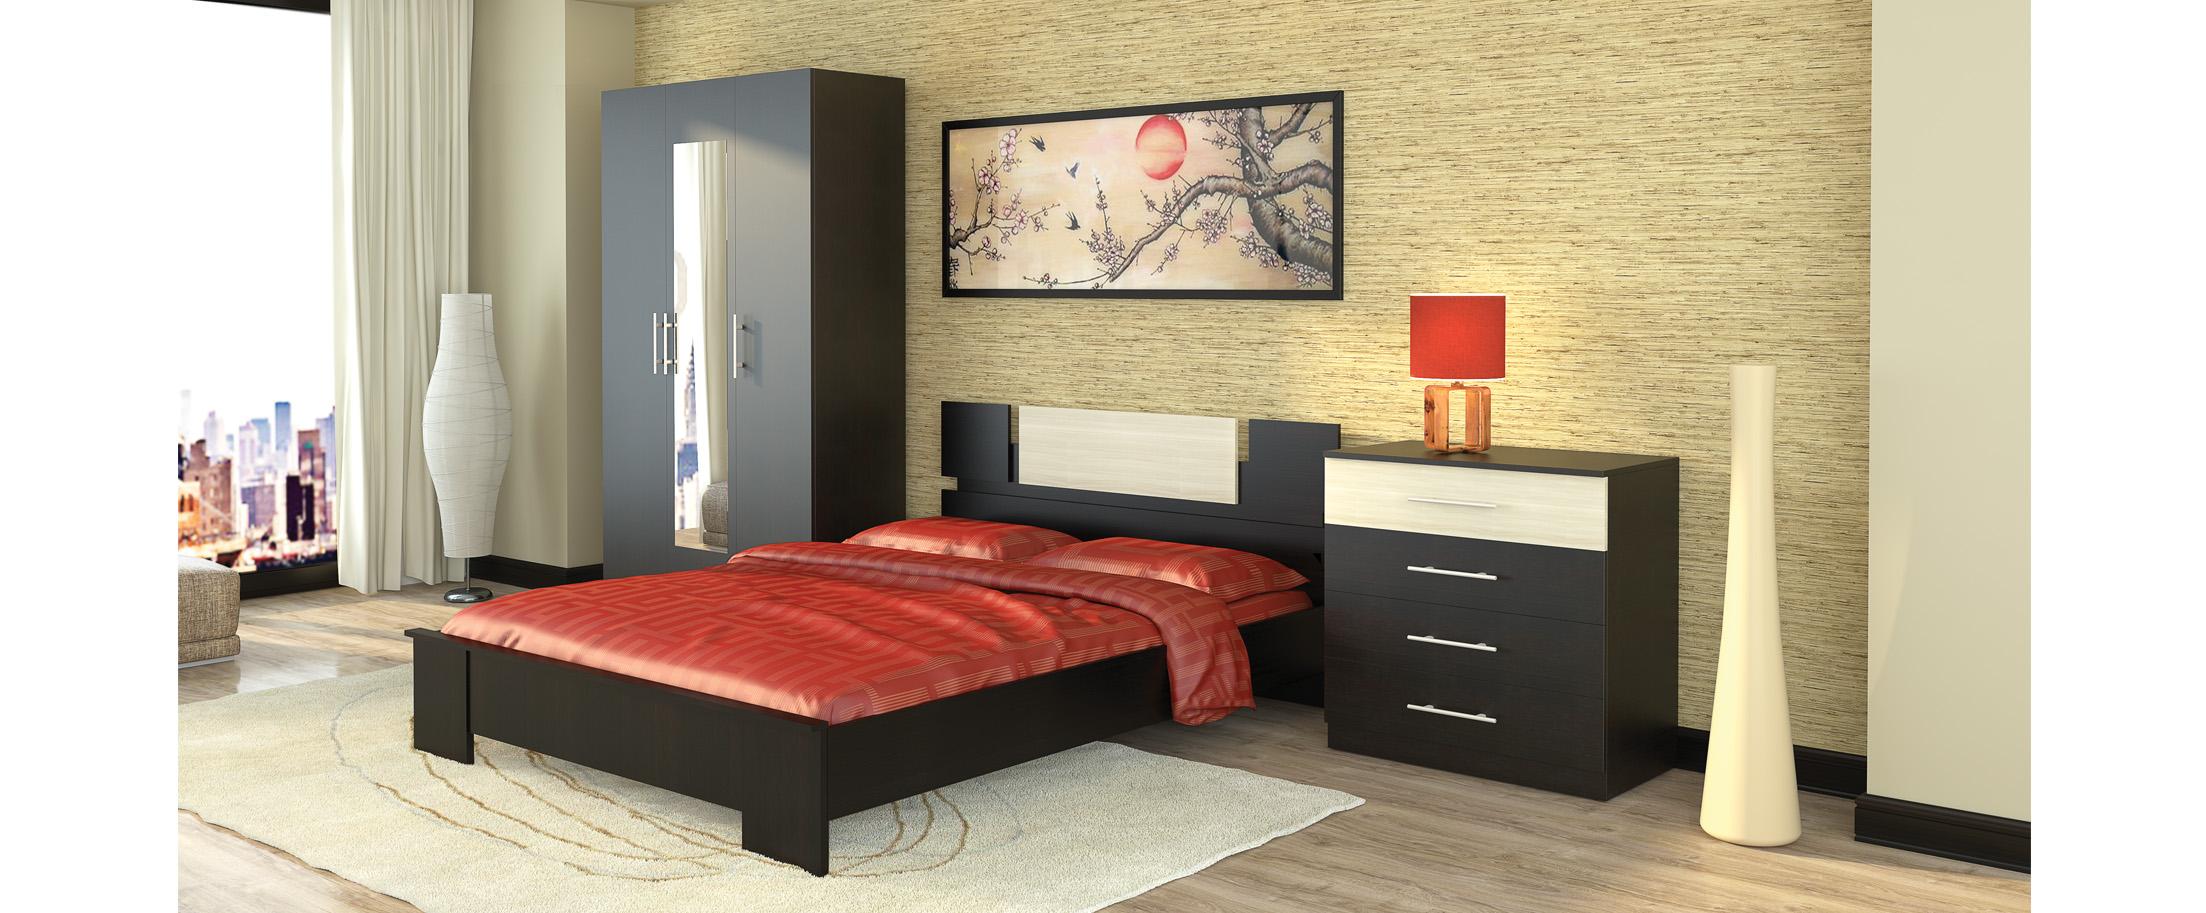 Спальня Оливия 1 Модель 337 от MOON TRADE